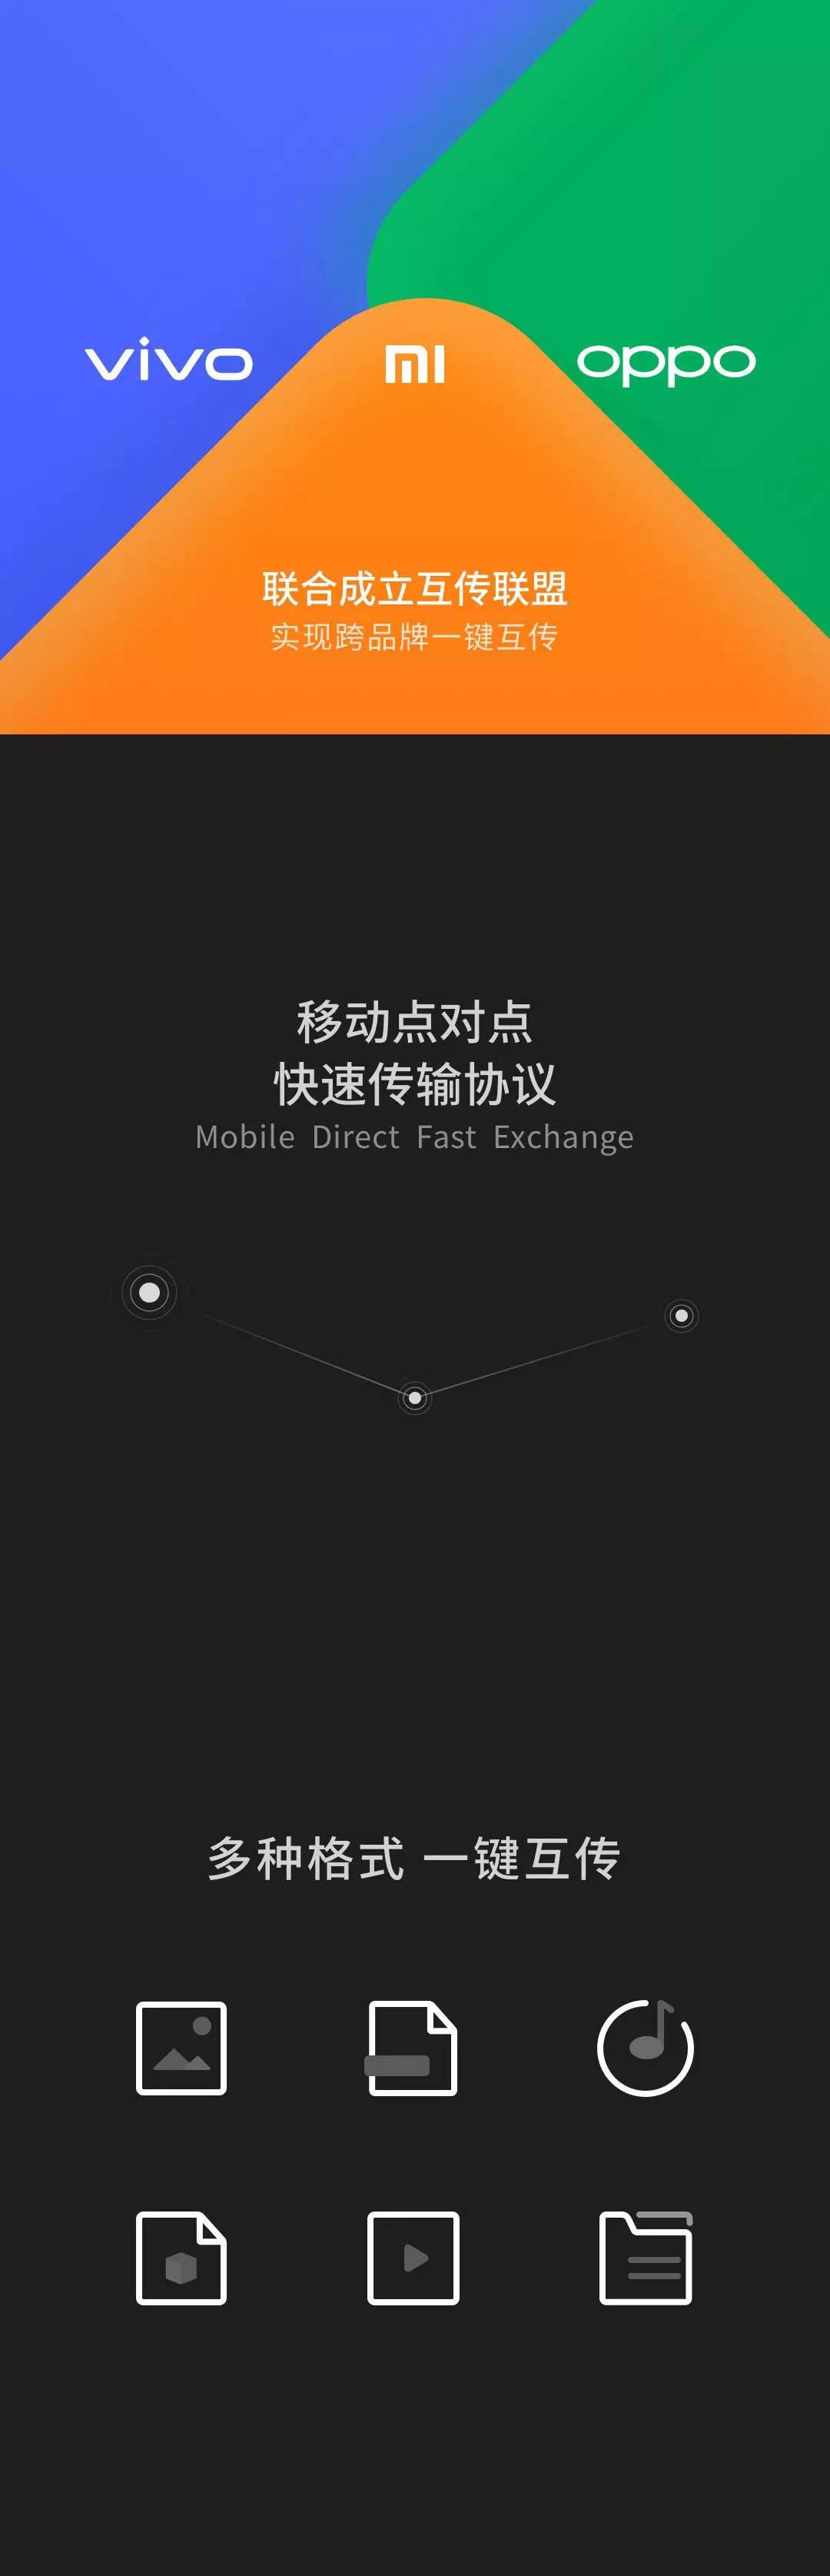 Inter-Transfer Alliance Xiaomi Oppo Vivo Apple AirDrop przysyłanie plików